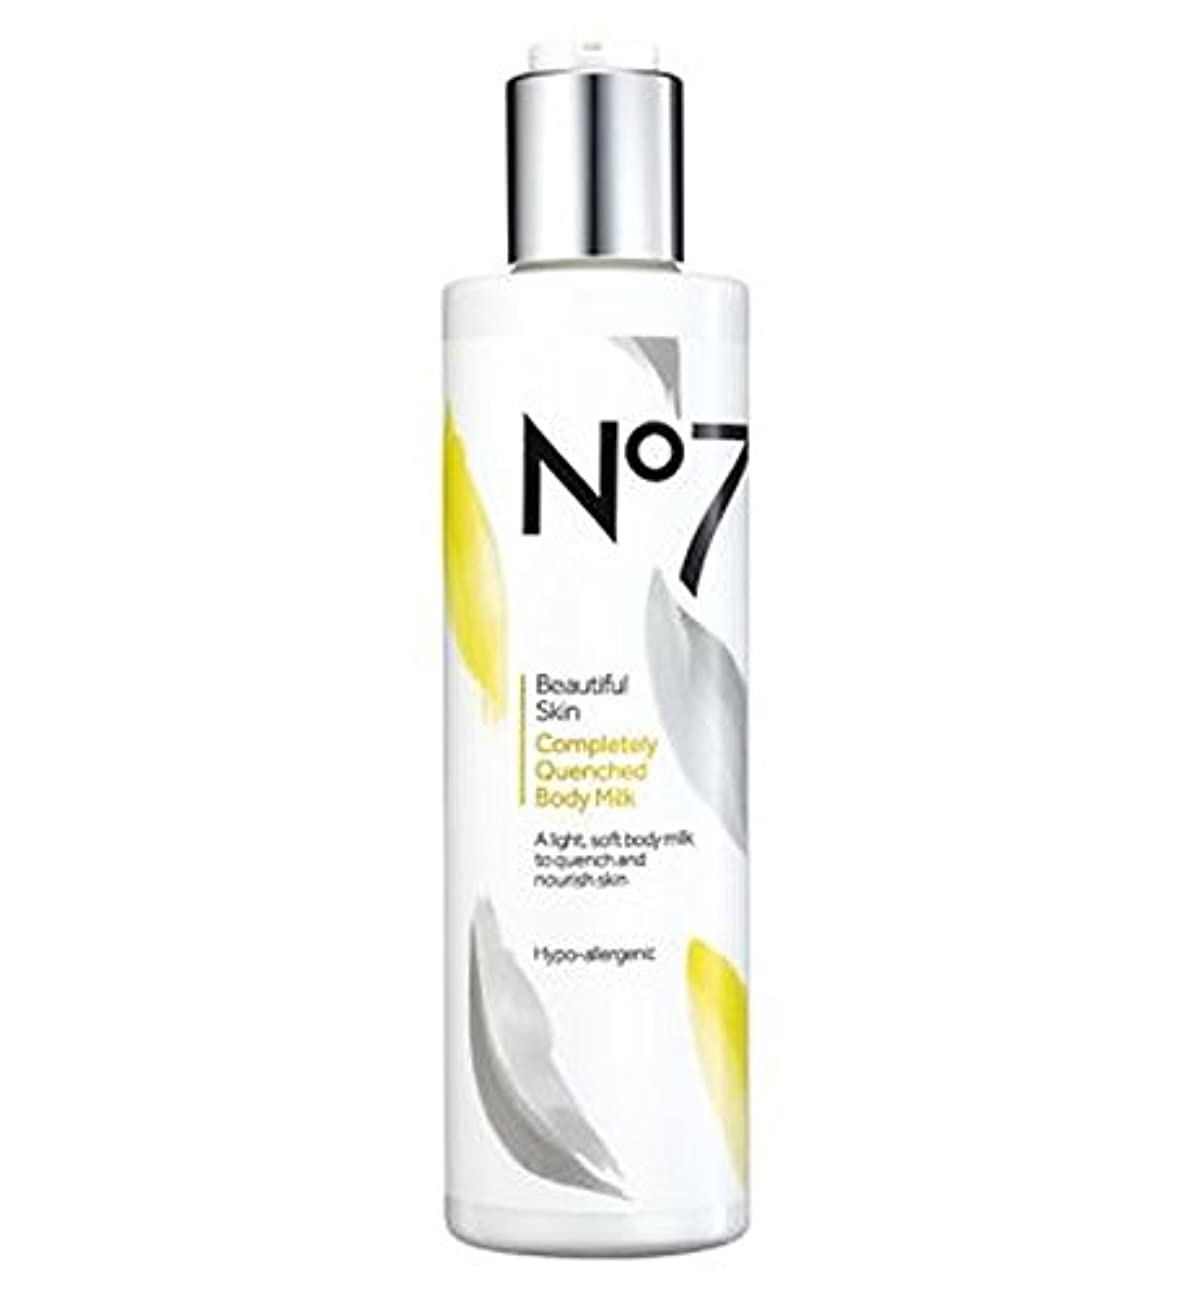 食べる急いでオーブンNo7美しい肌完全に急冷ボディミルク (No7) (x2) - No7 Beautiful Skin Completely Quenched Body Milk (Pack of 2) [並行輸入品]